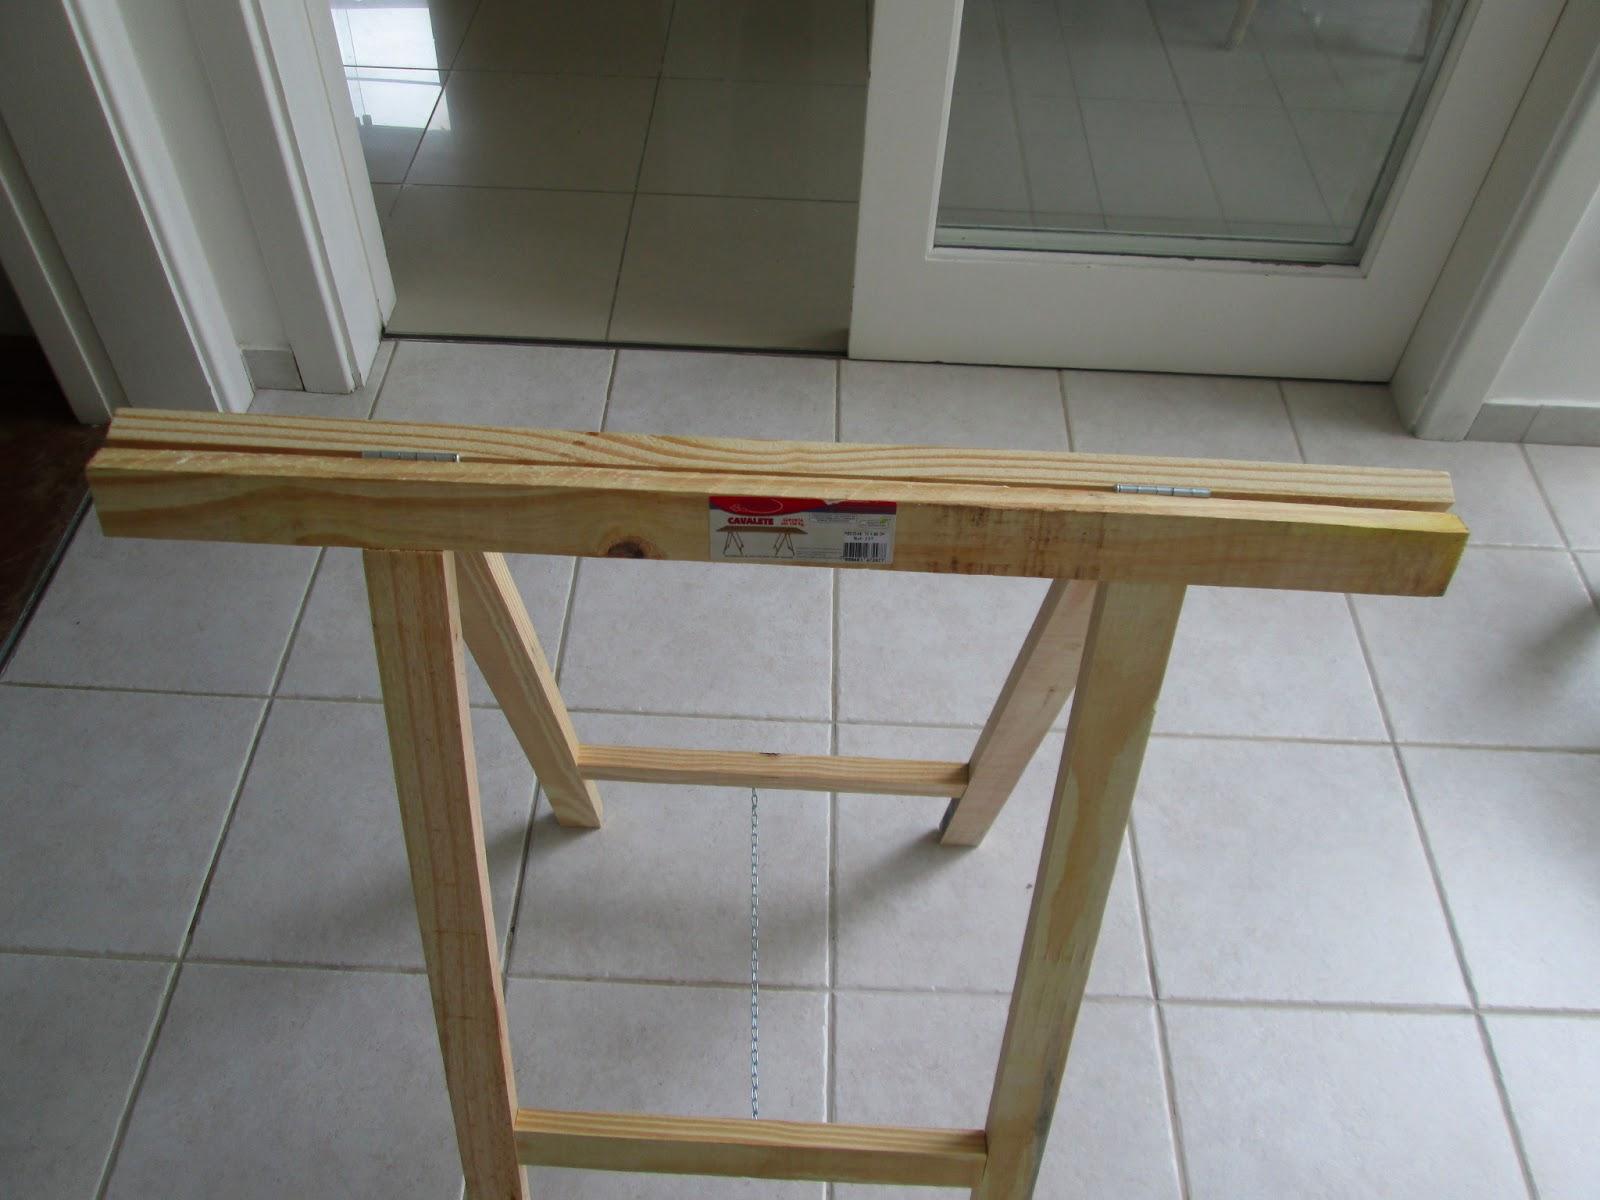 Blog de Decoração Perfeita Ordem: Meu home office com cavaletes  #5E4B32 1600x1200